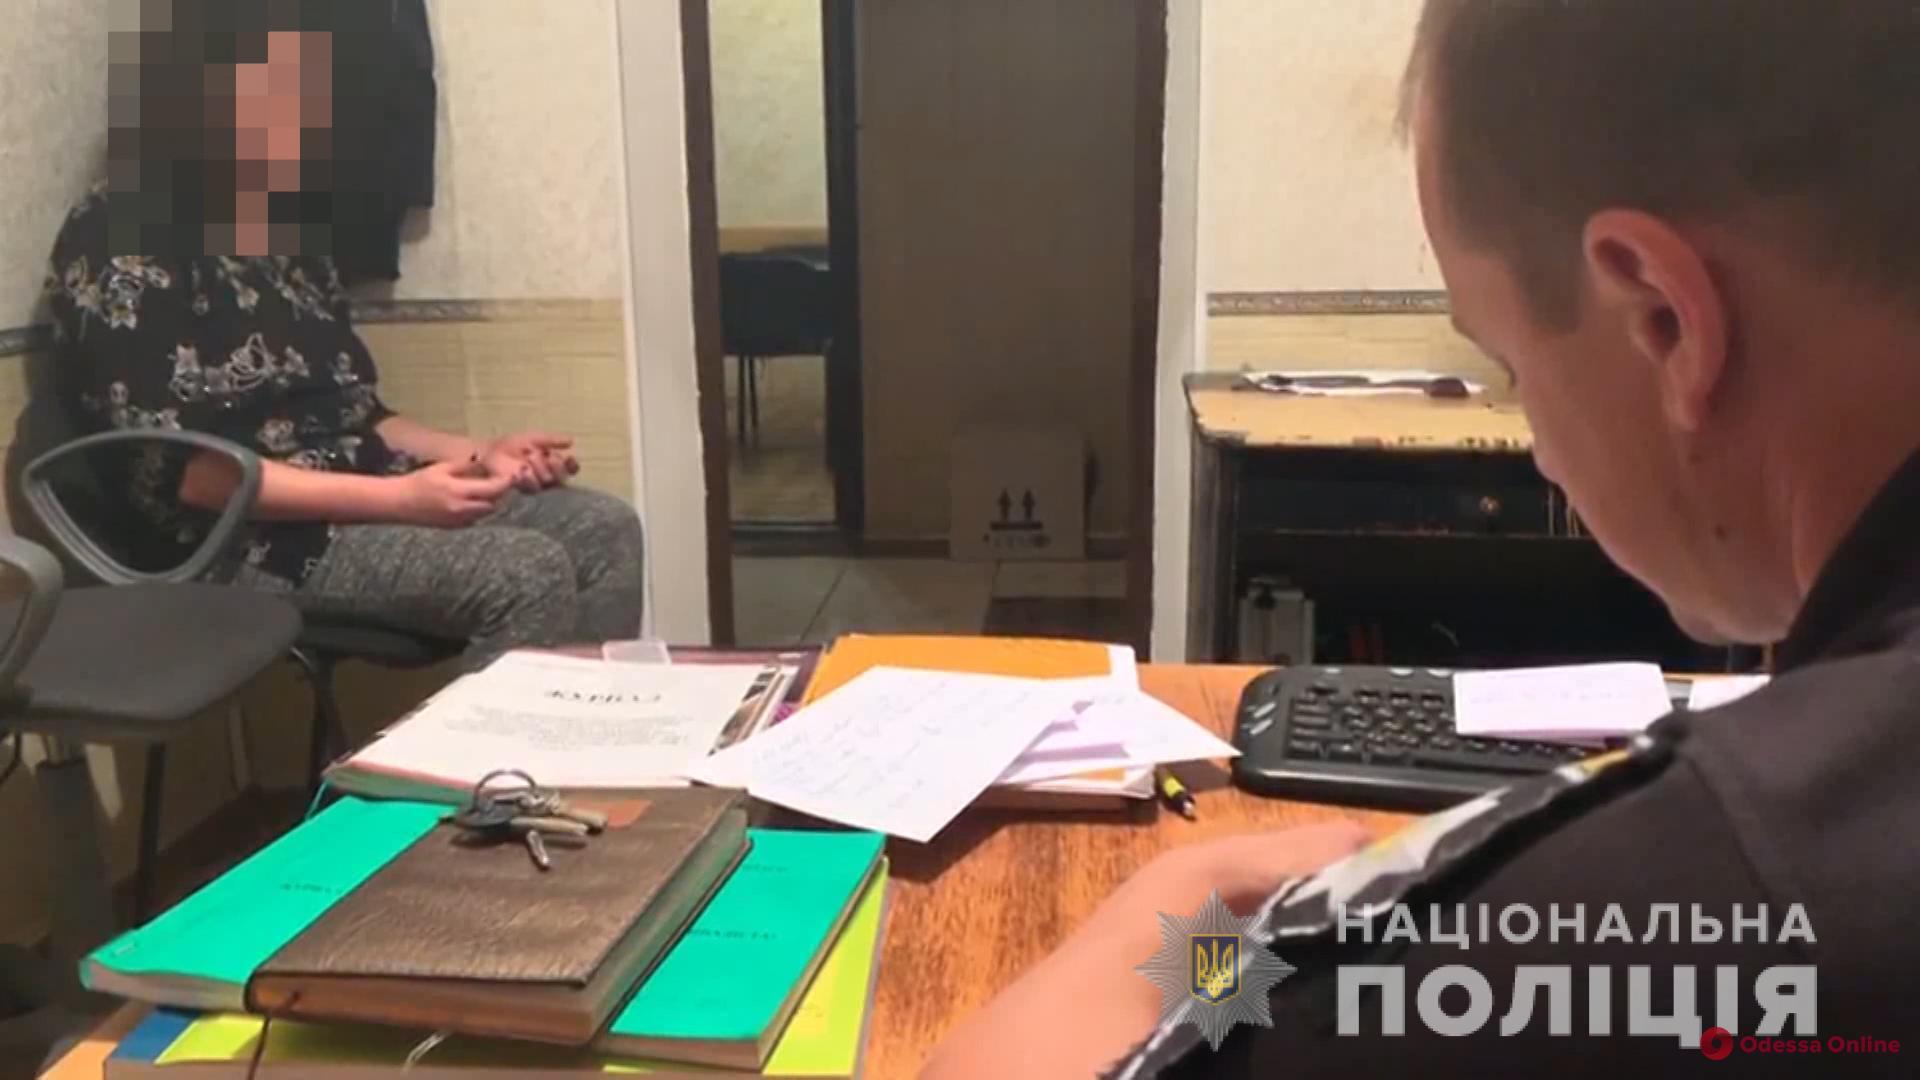 Жительница Одесской области до смерти забила мать кувалдой из-за замечания